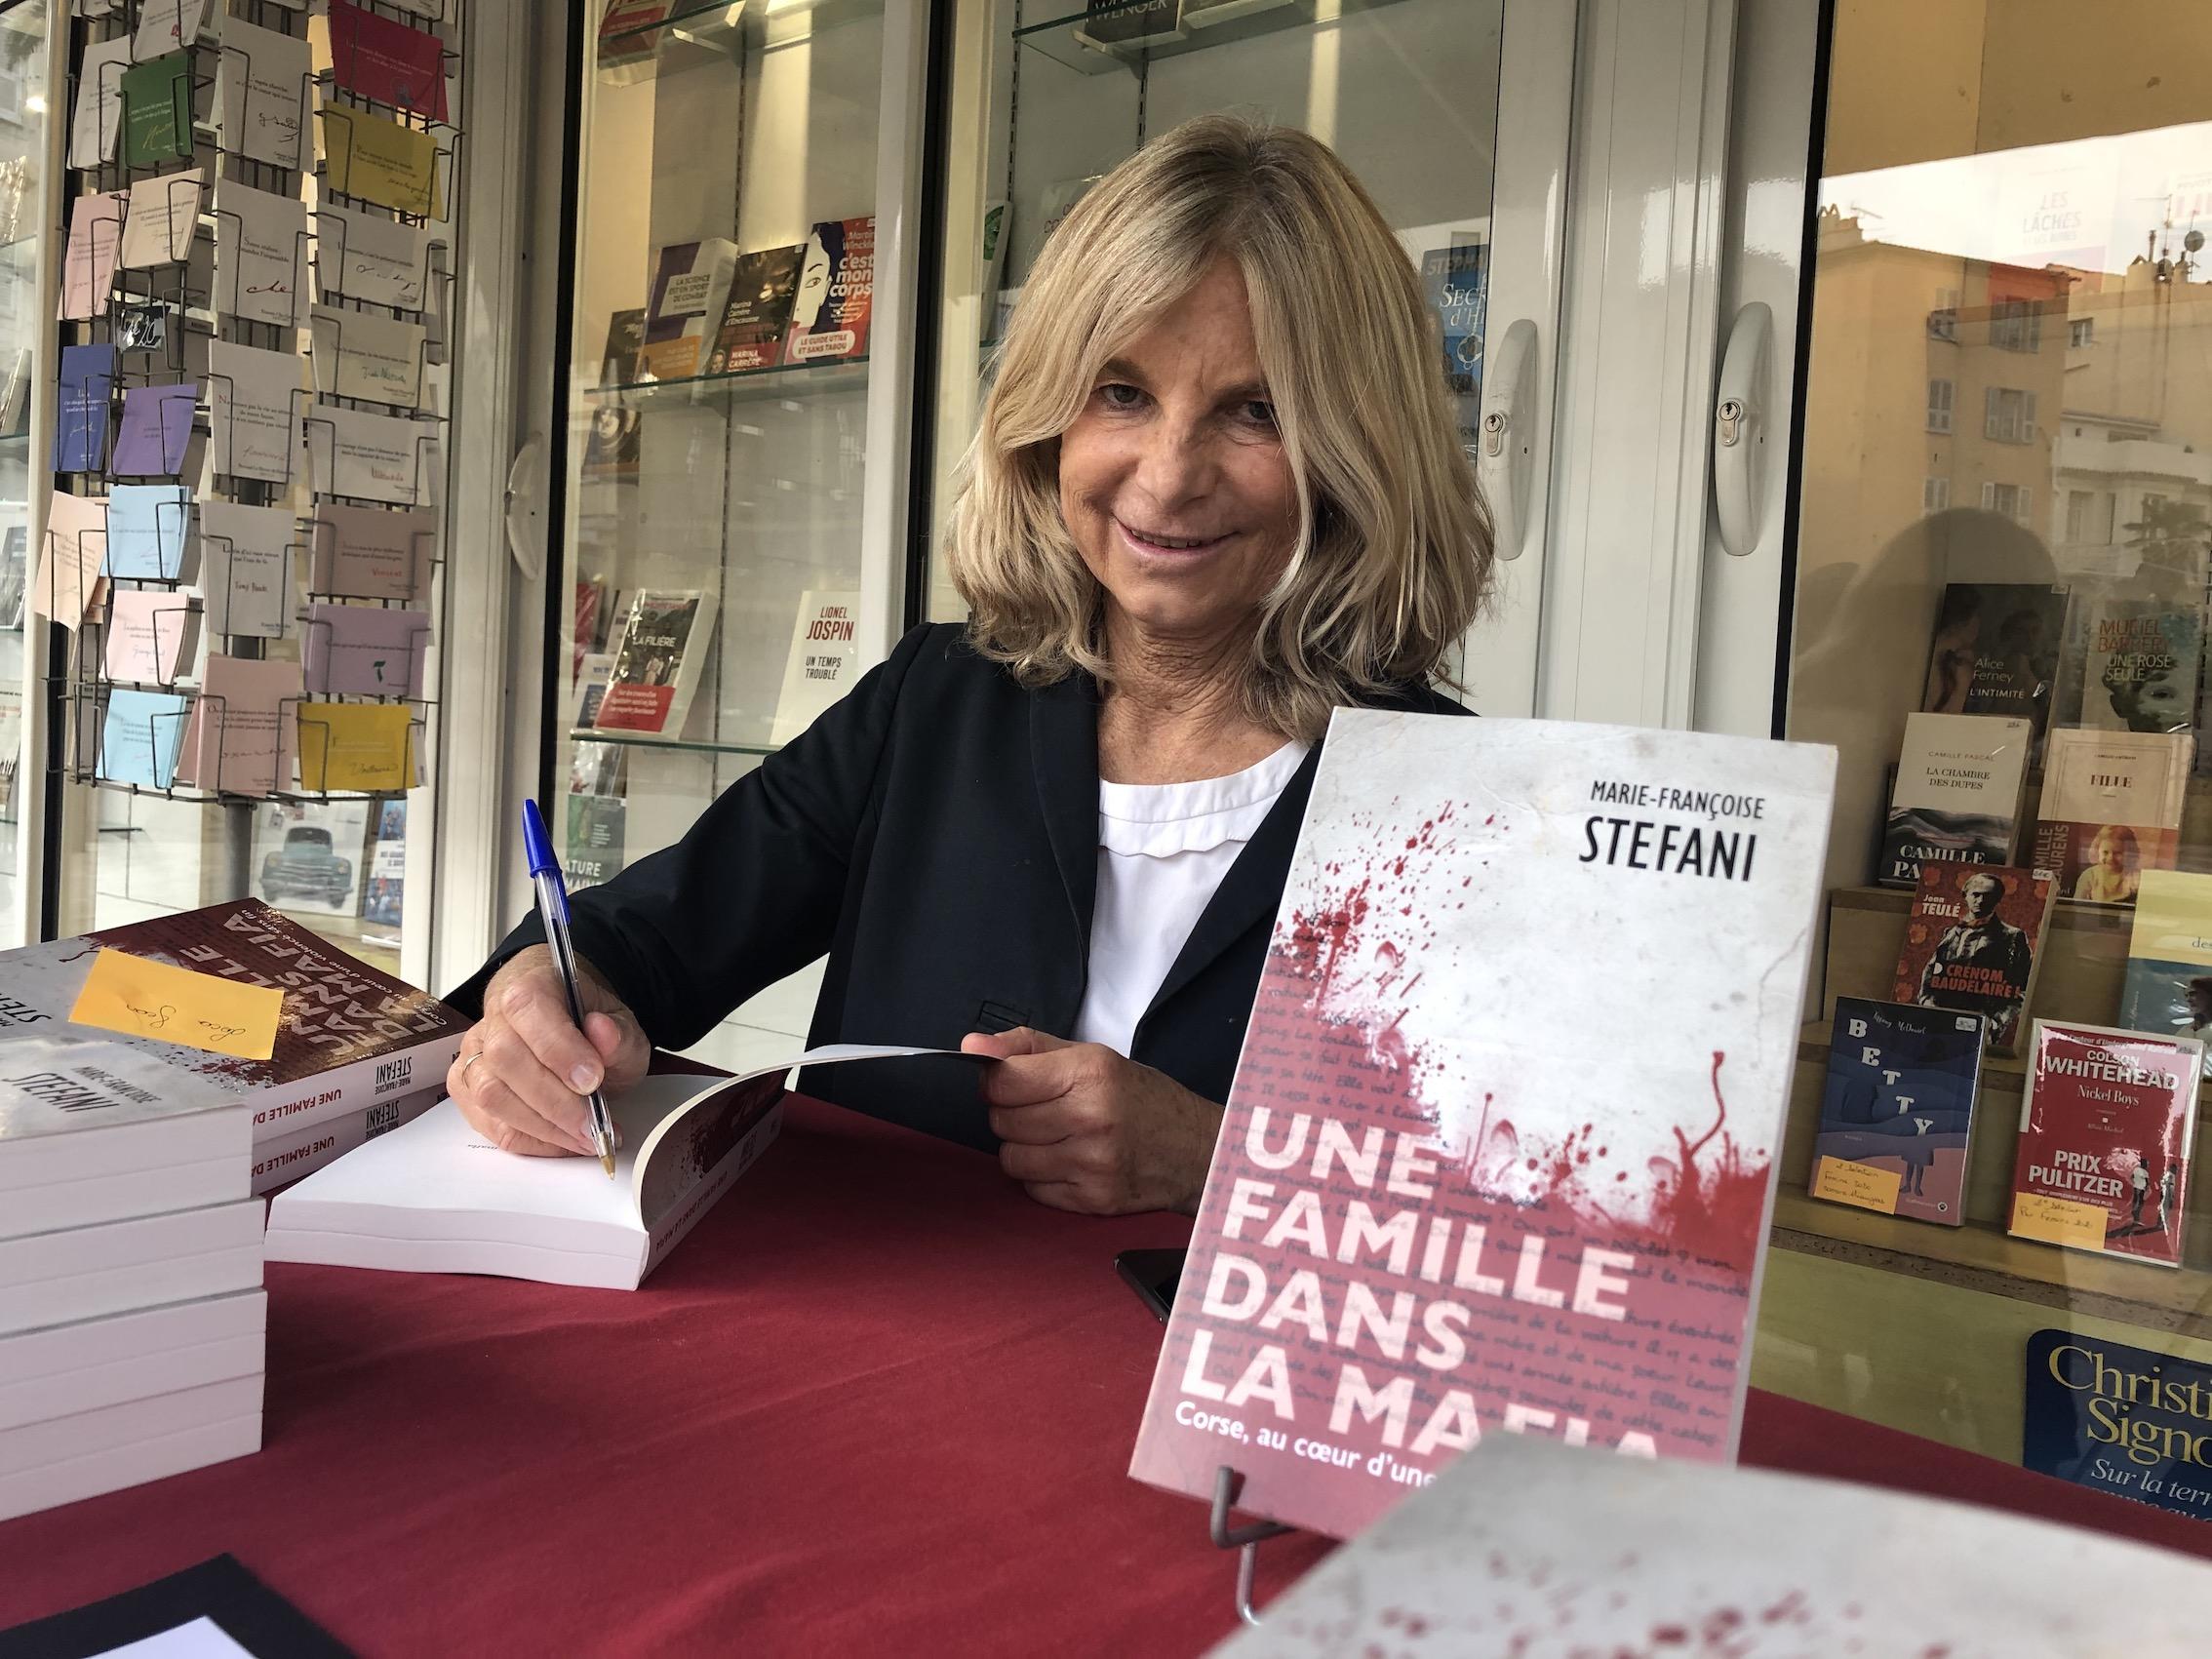 """Marie-Françoise Stéfani journaliste et auteur de """"Une famille dans la mafia"""" ©Michel Luccioni"""